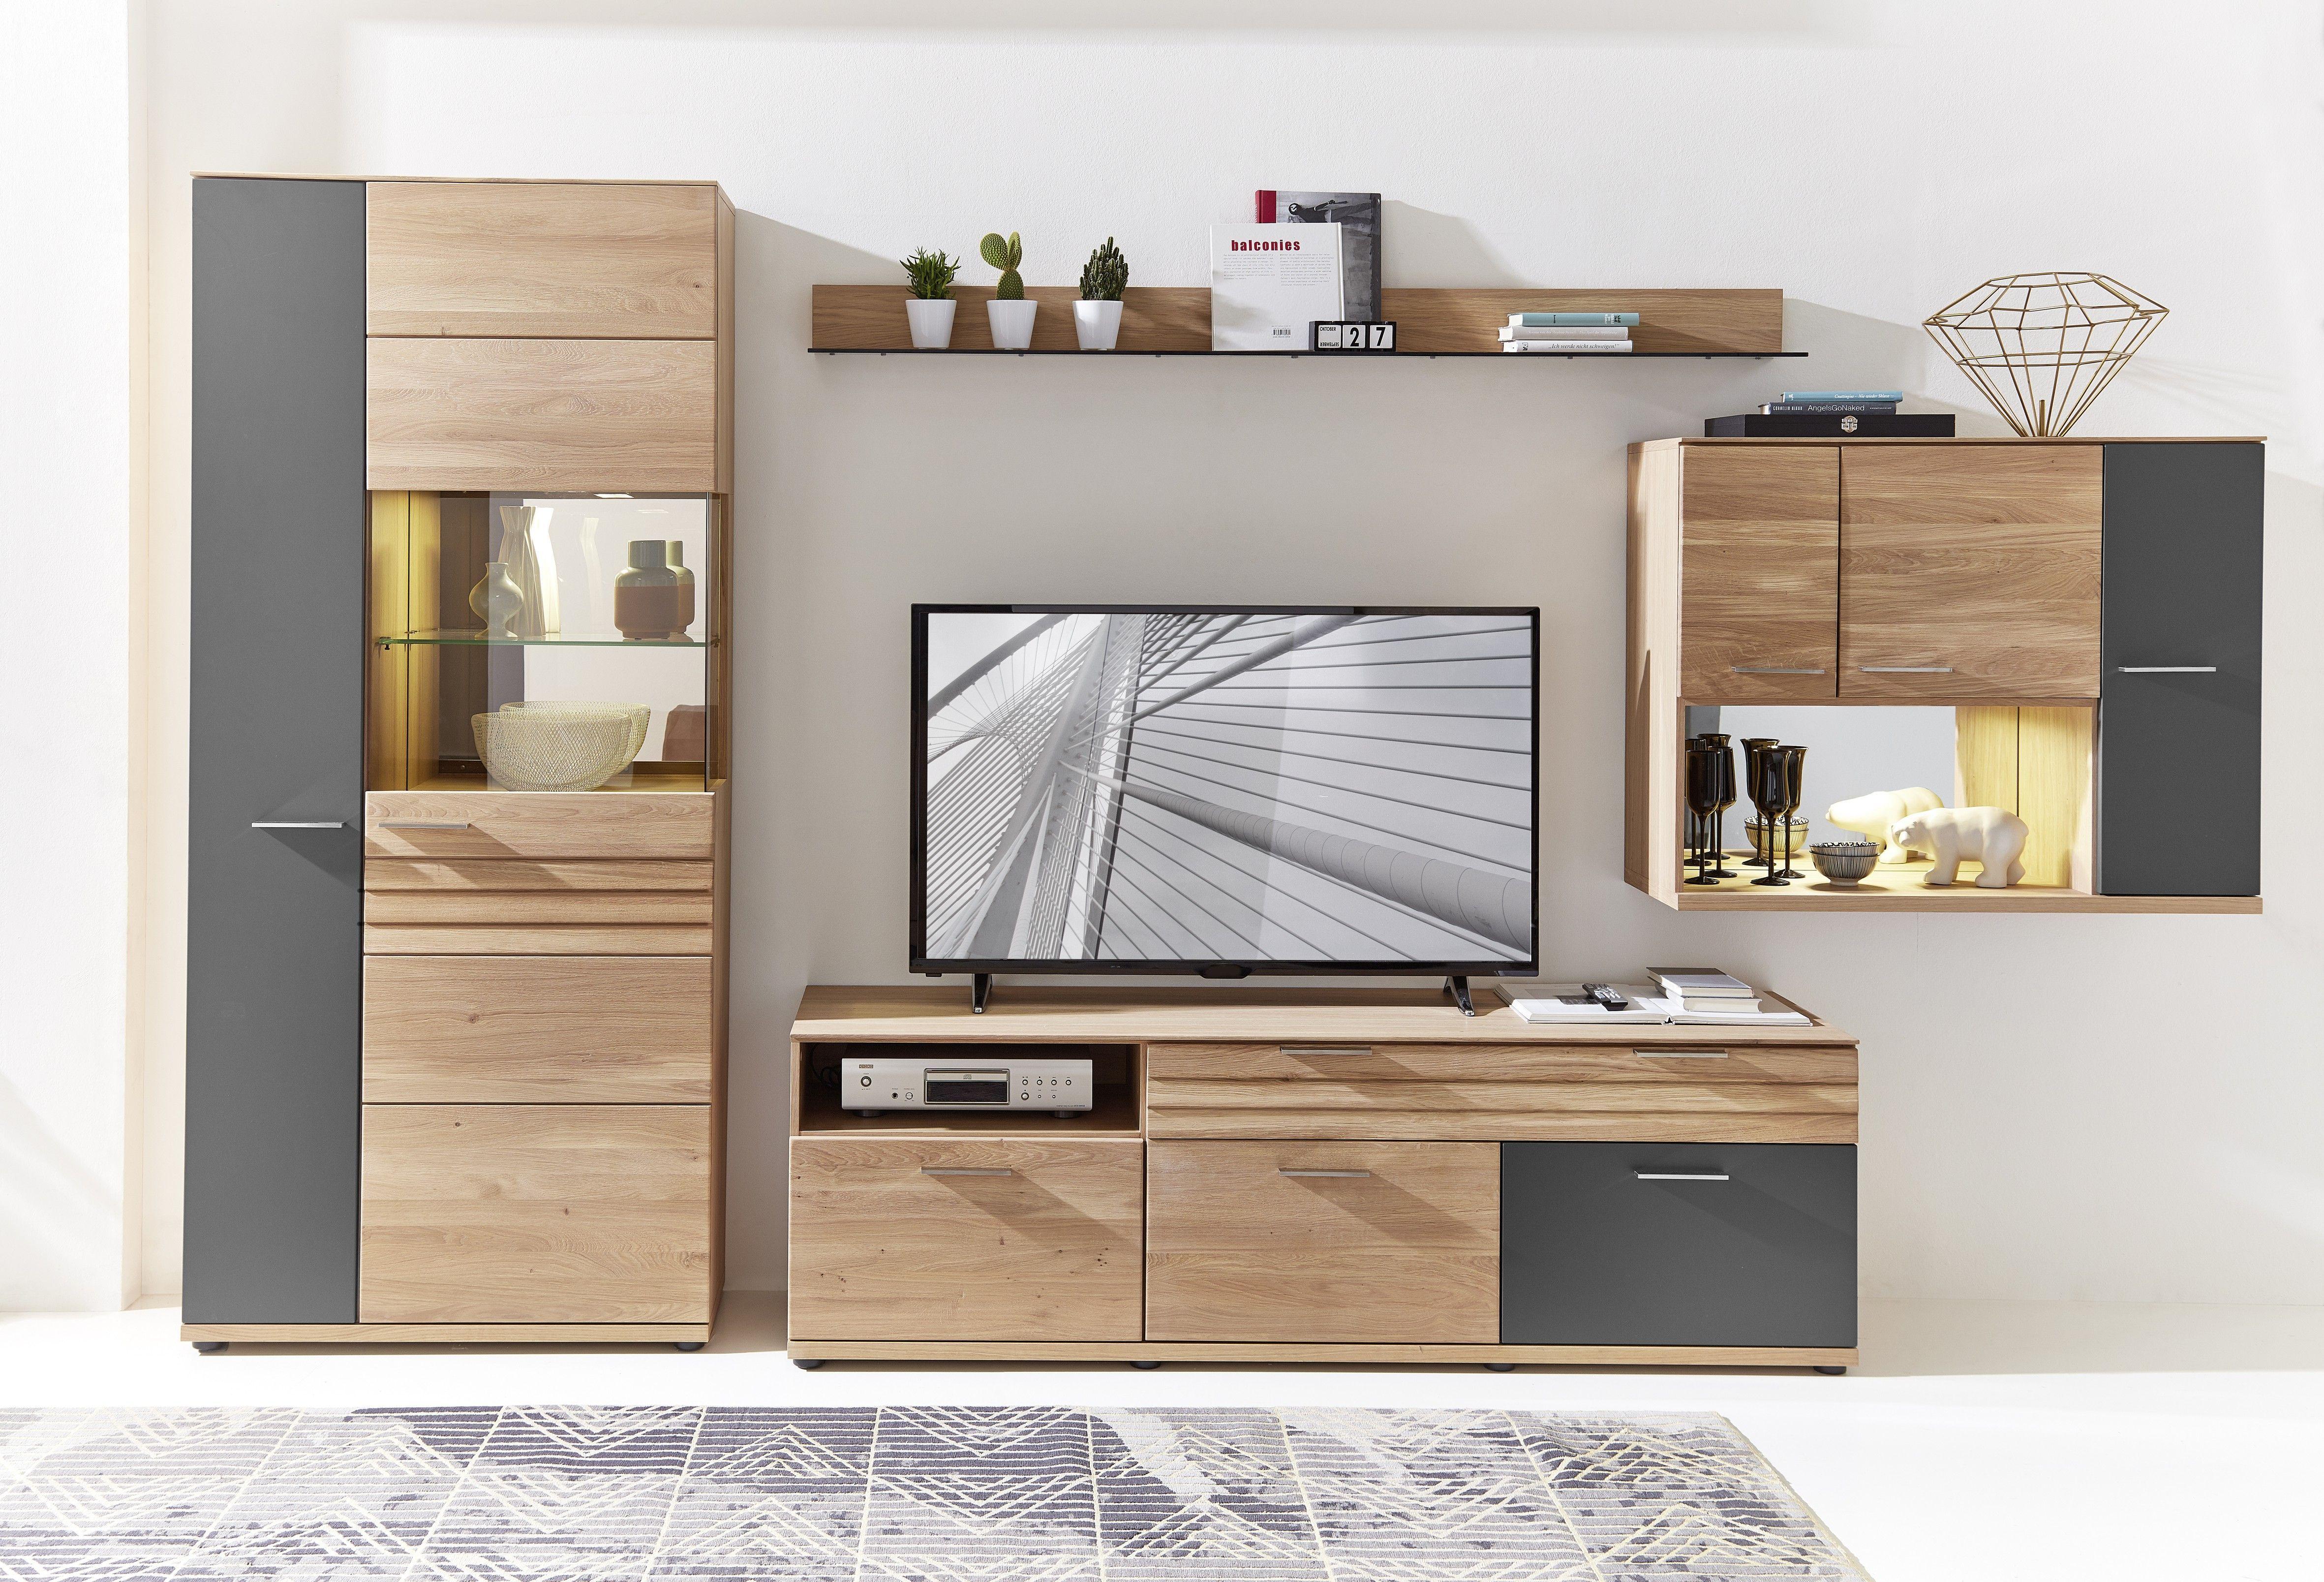 Wohnwand Teilmassiv Wildeiche Bianco/ Graphit Und Beleuchtung Woody  22 01170 Holz Modern Jetzt Bestellen